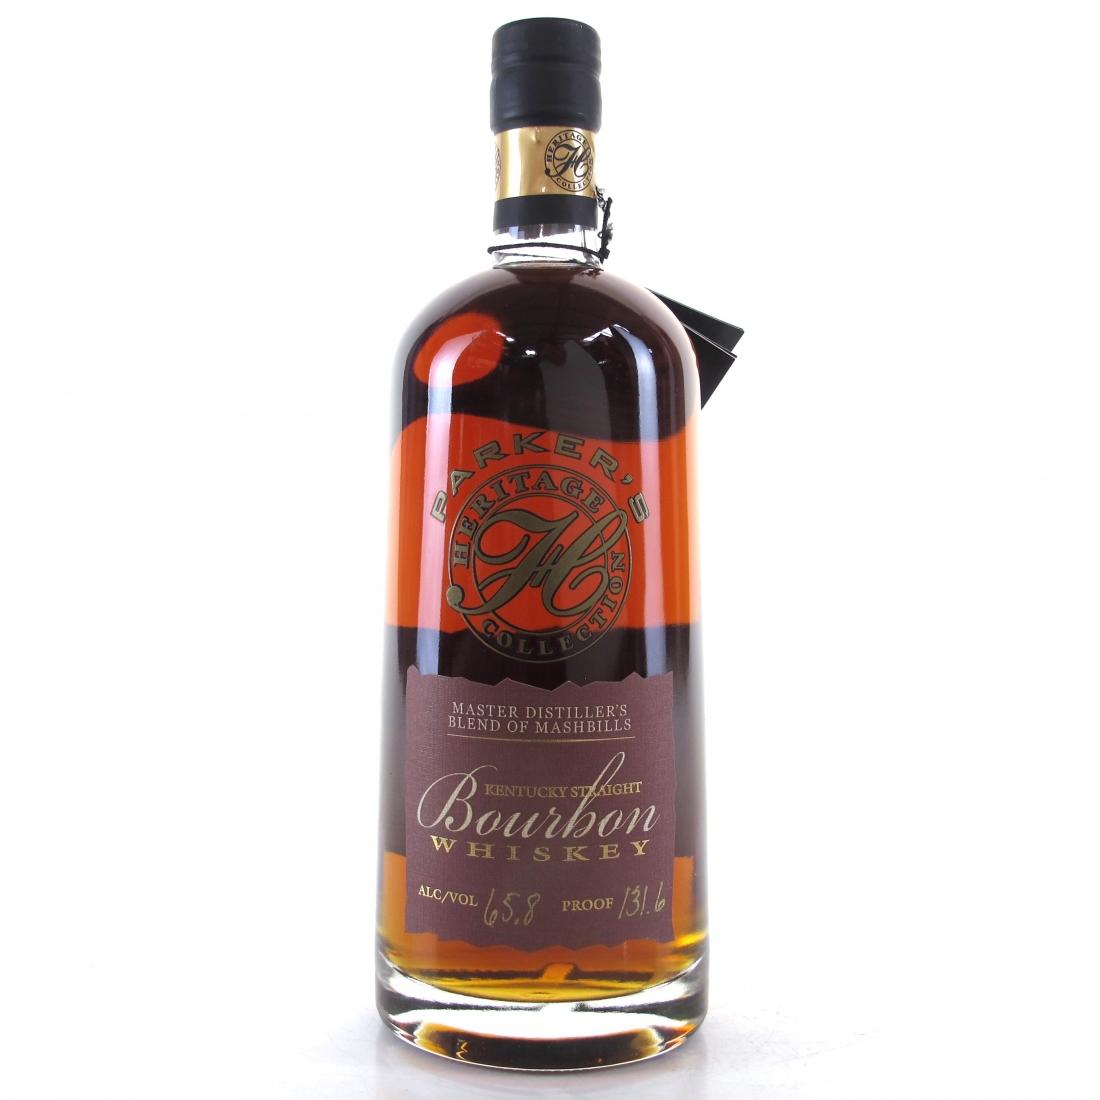 Parker's Heritage Collection Master Distiller's Blend of Mashbills